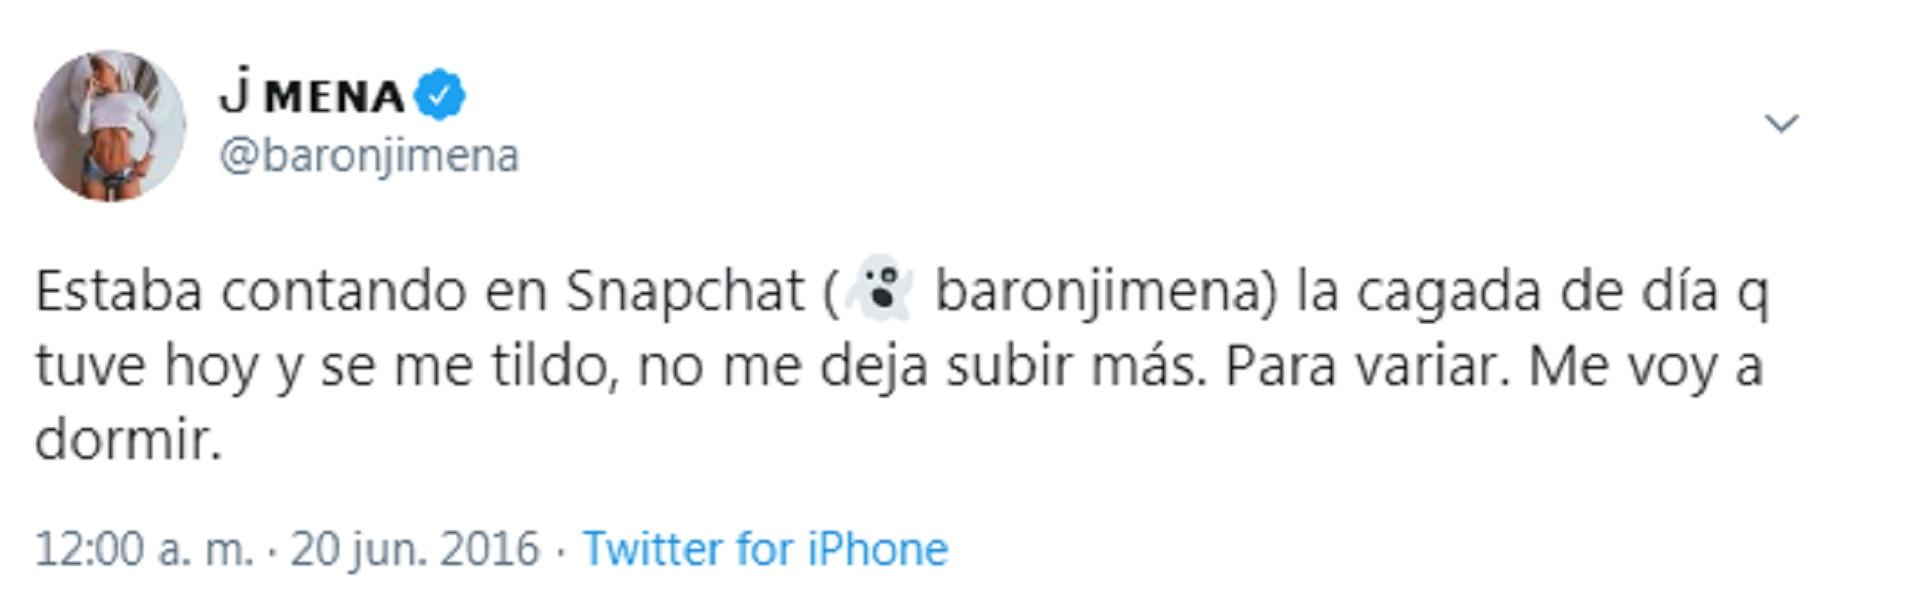 El mensaje de Jimena Barón en 2016 cuando era una usuaria activa de Snapchat